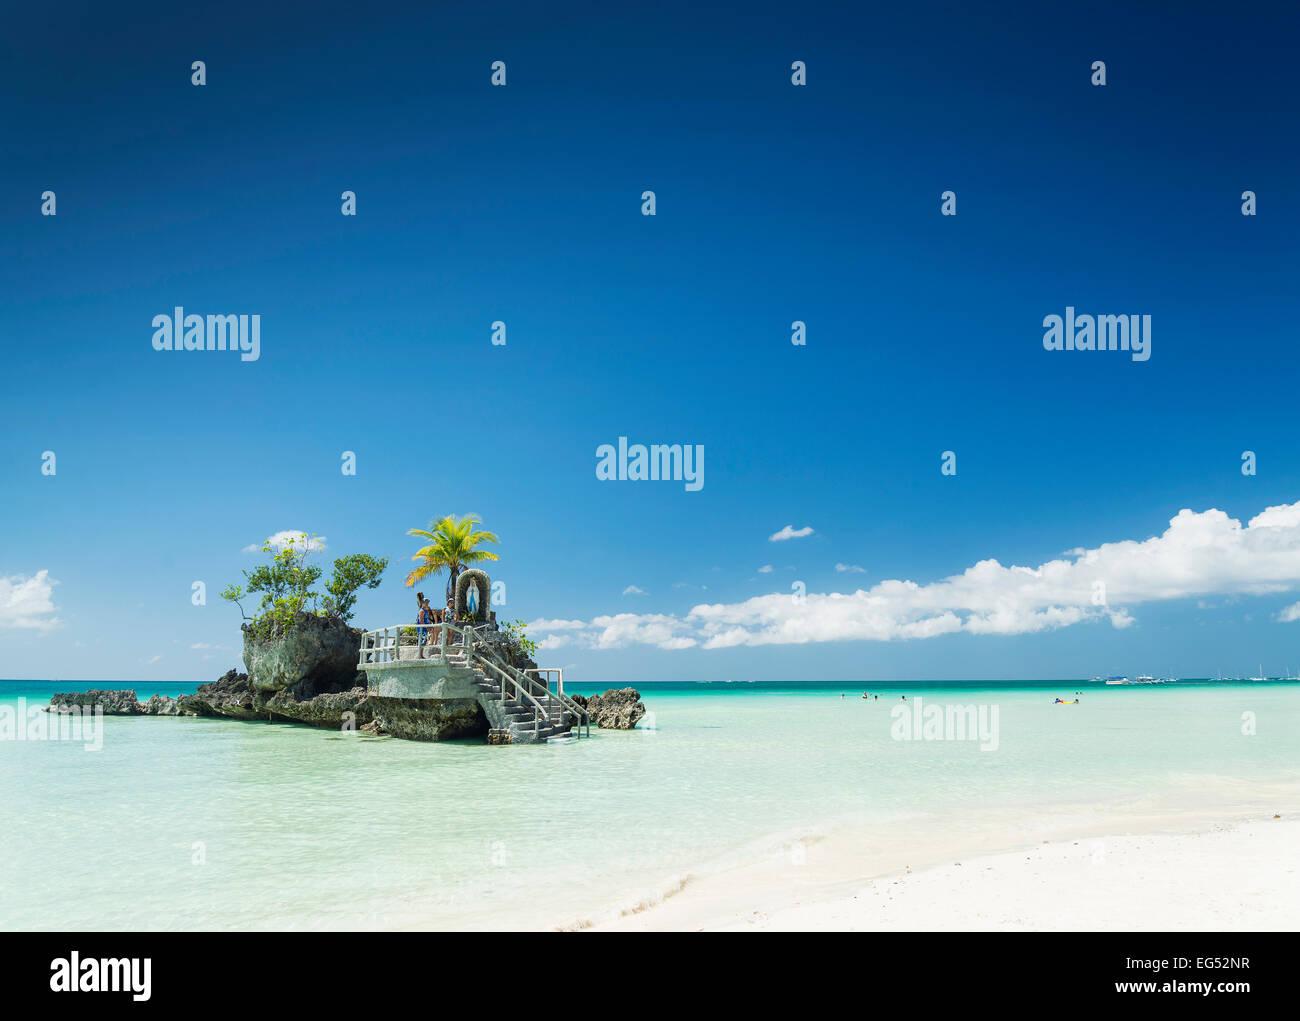 Spiaggia Bianca e santuario cristiano di boracay isola tropicale in Asia Immagini Stock